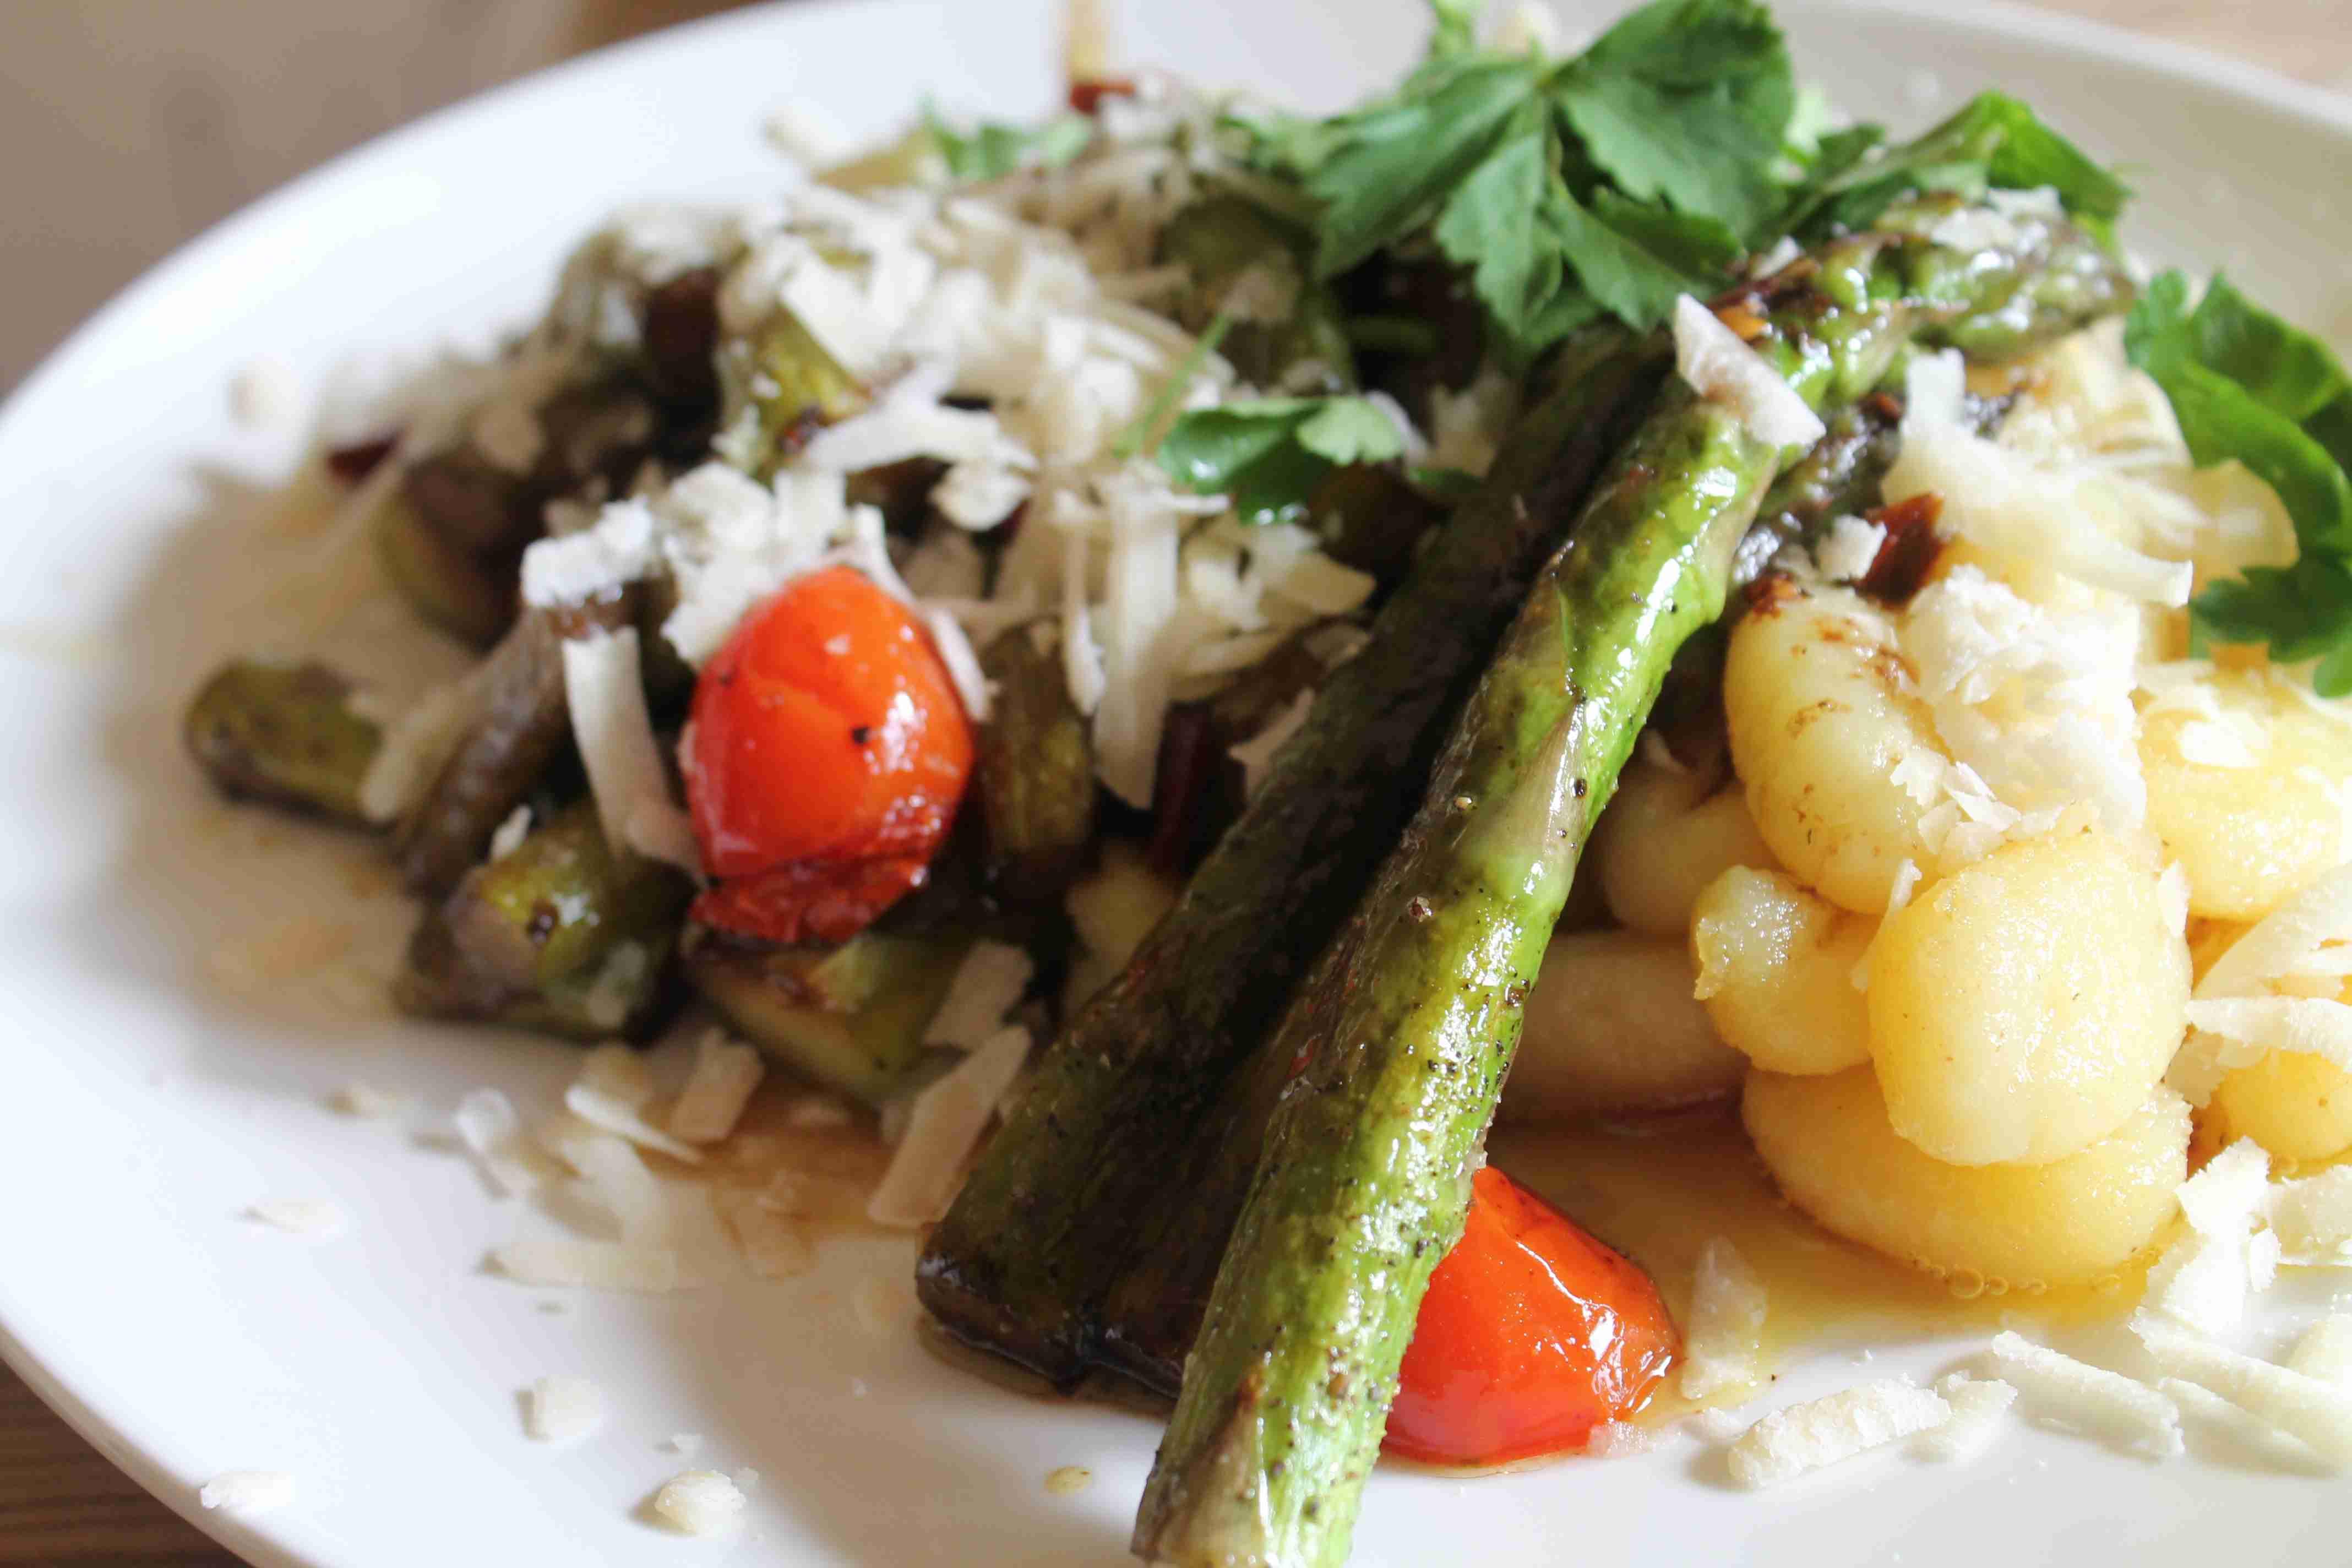 Grüner Spargel mit Gnocchi, Kirschtomaten, Parmesan in Kürbiskern Öl und Balsamico-Essig